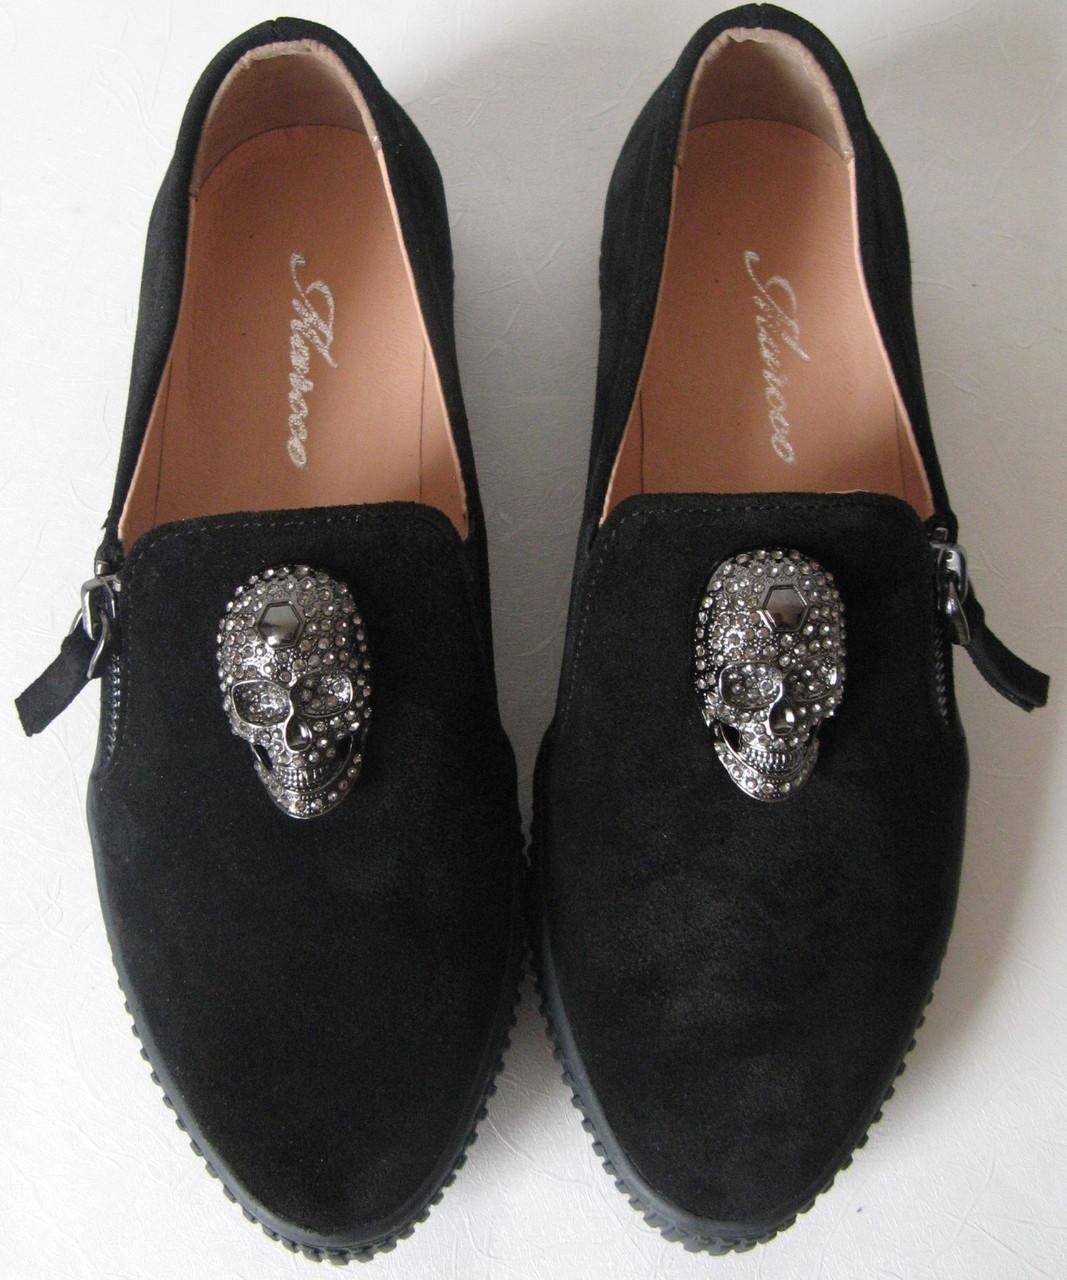 Филипп плейн обувь женская